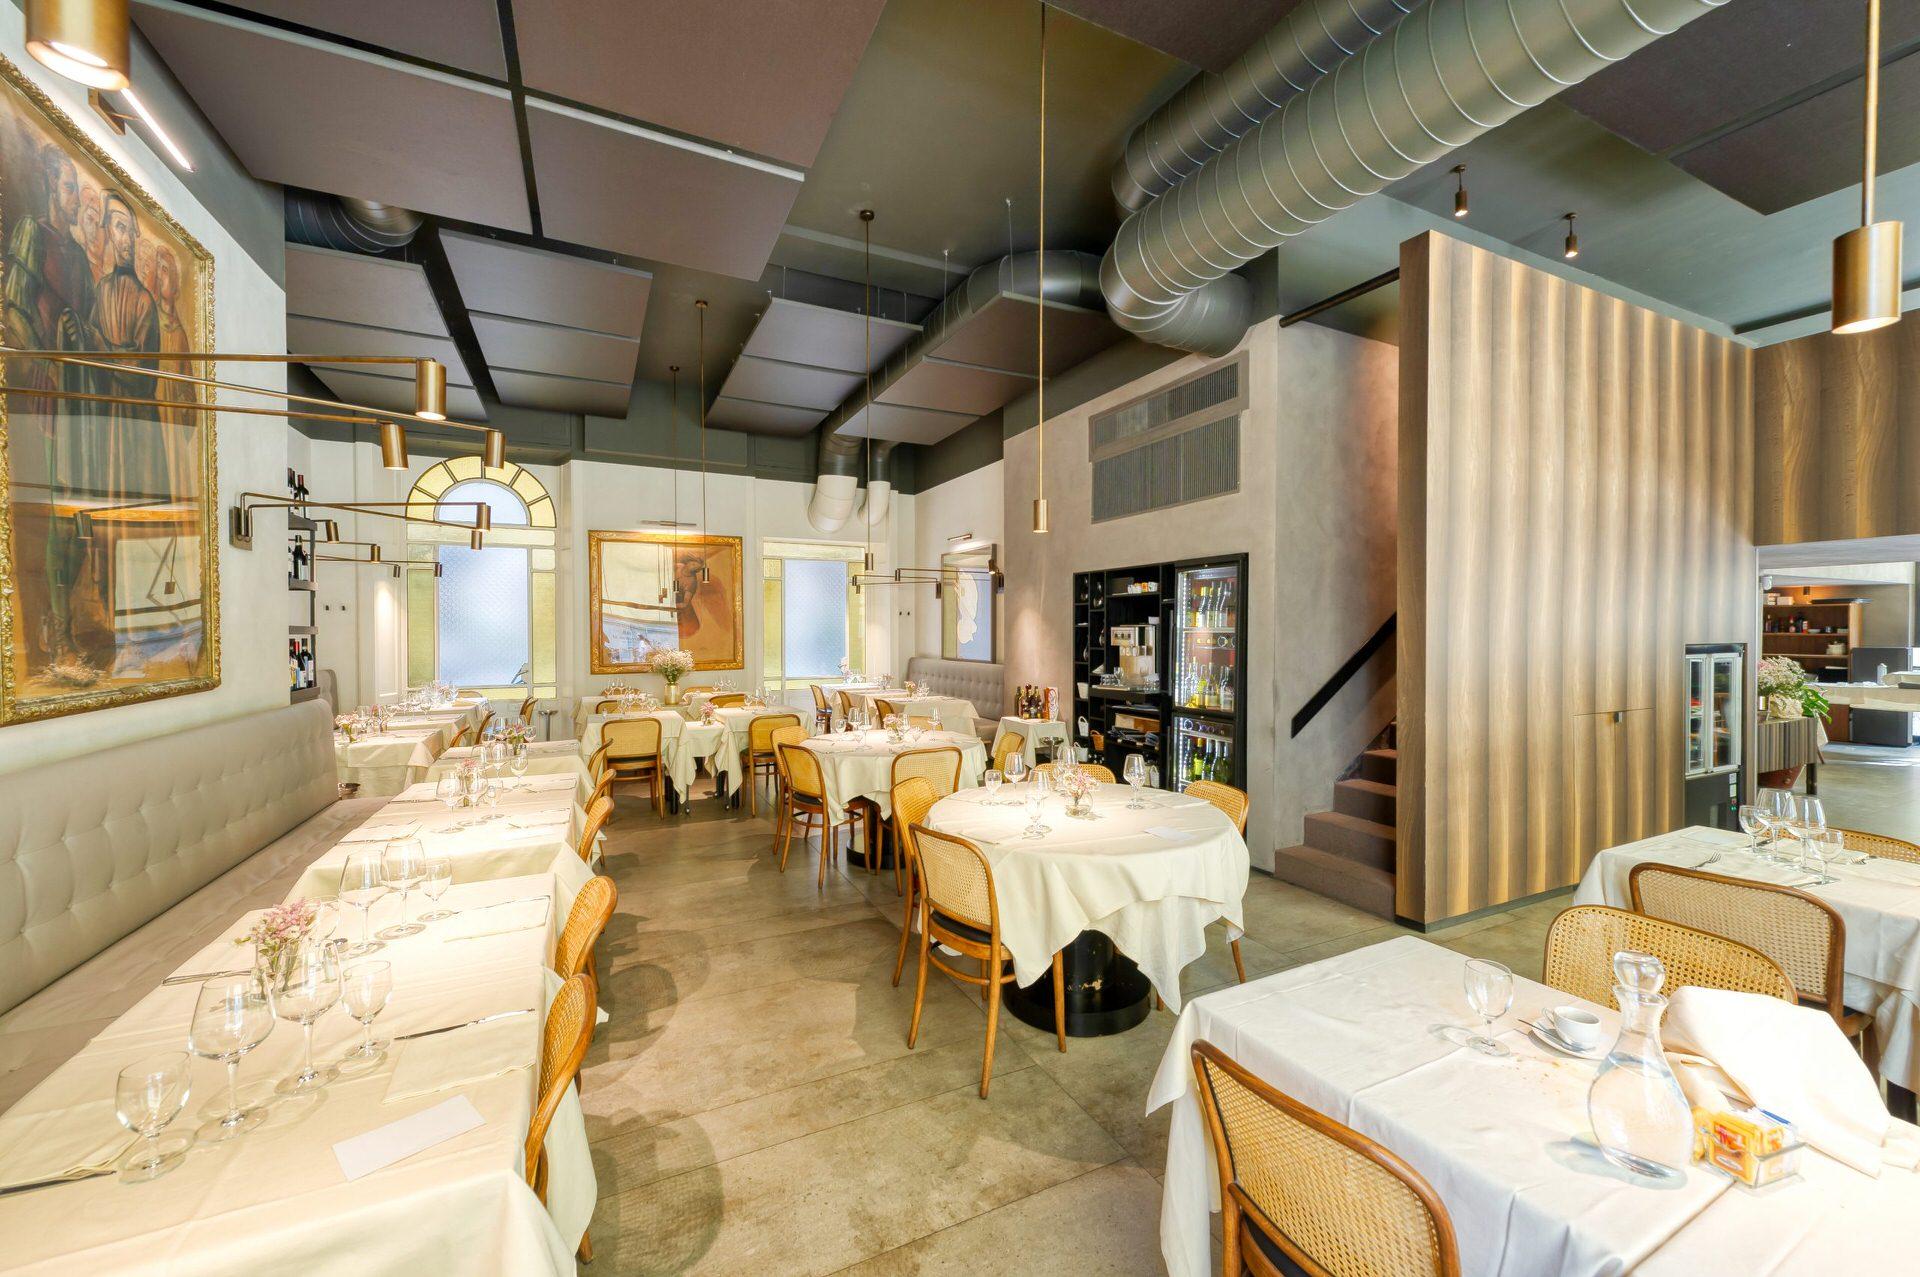 photoring-servizio fotografico interni ristorante